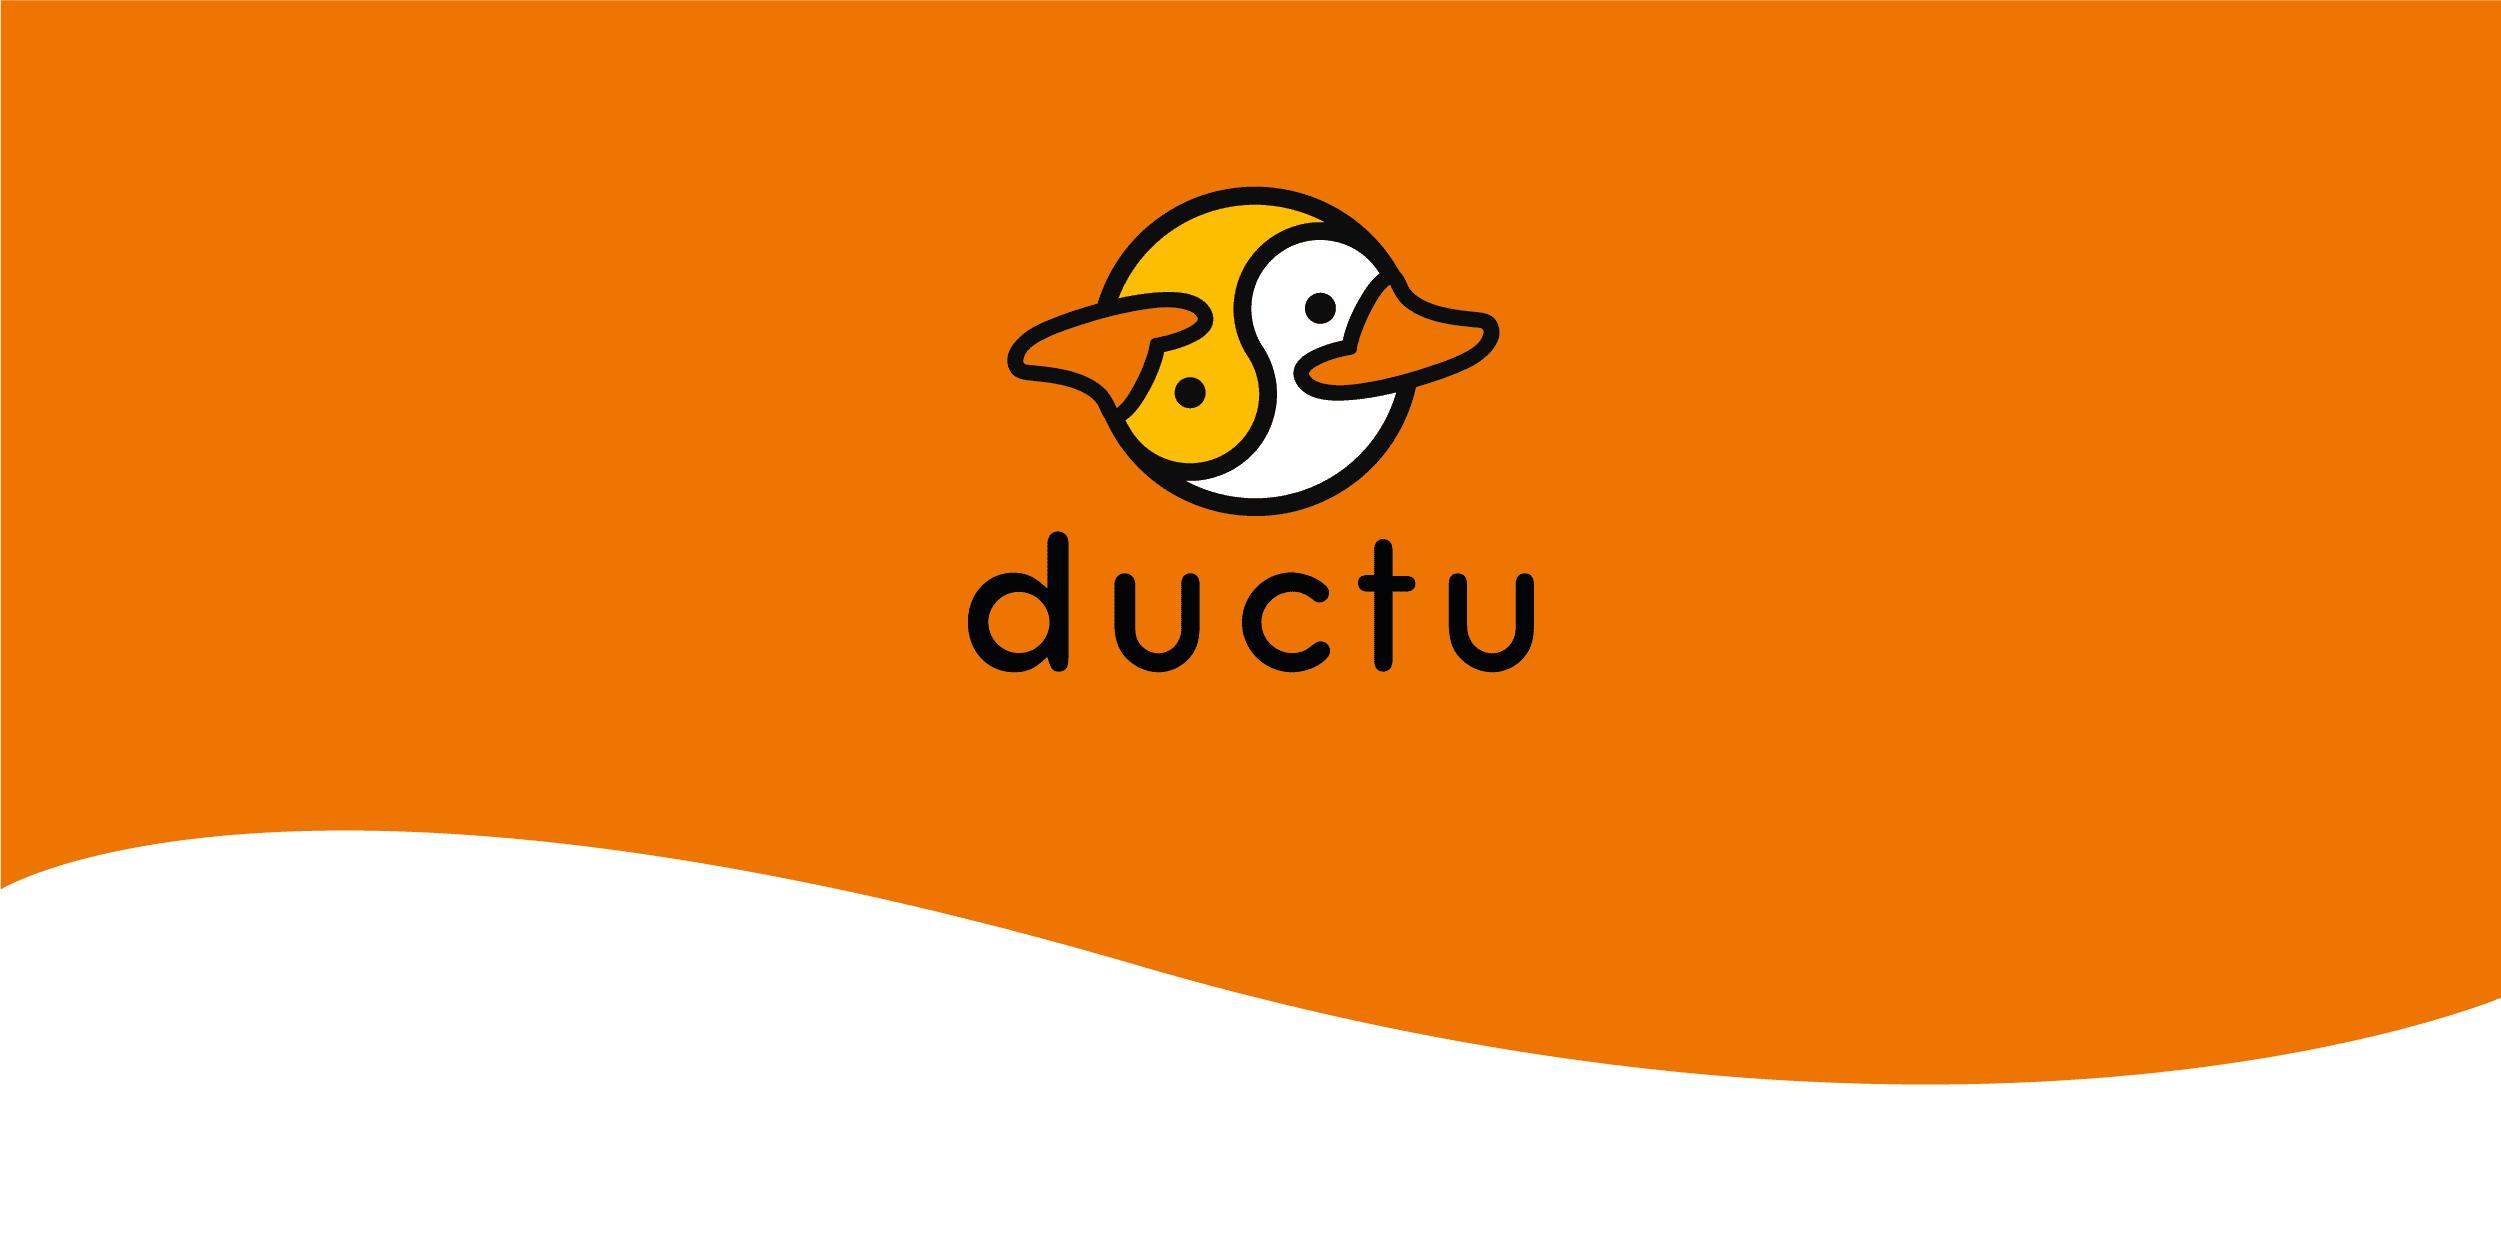 Ductu